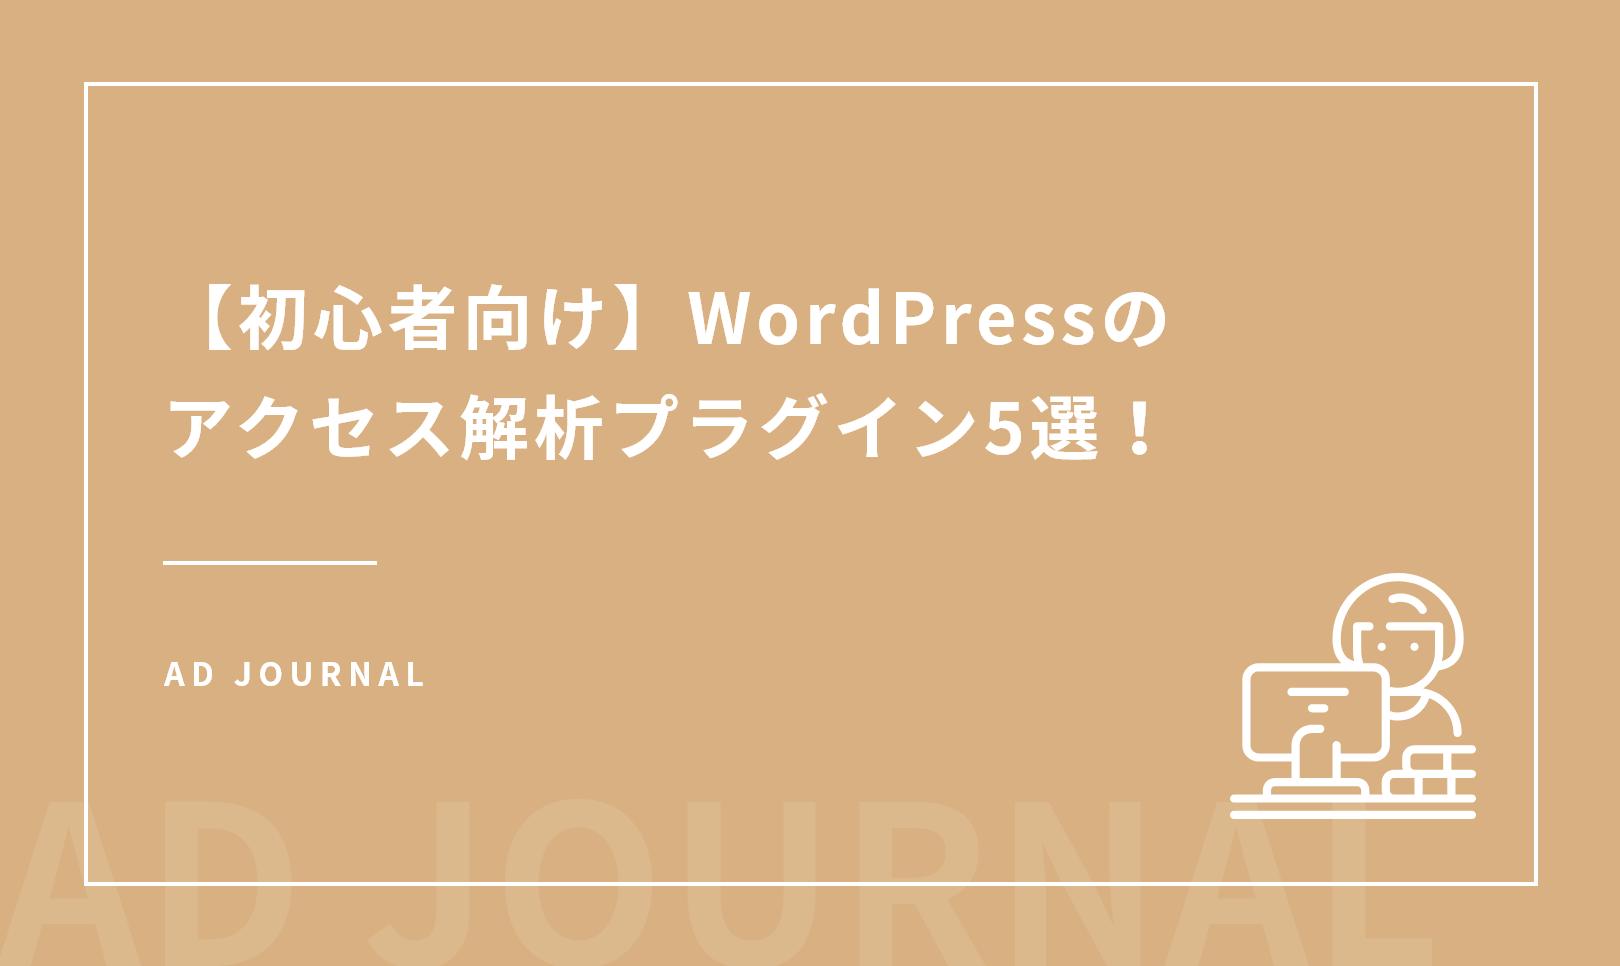 【初心者向け】WordPressのアクセス解析プラグイン5選!